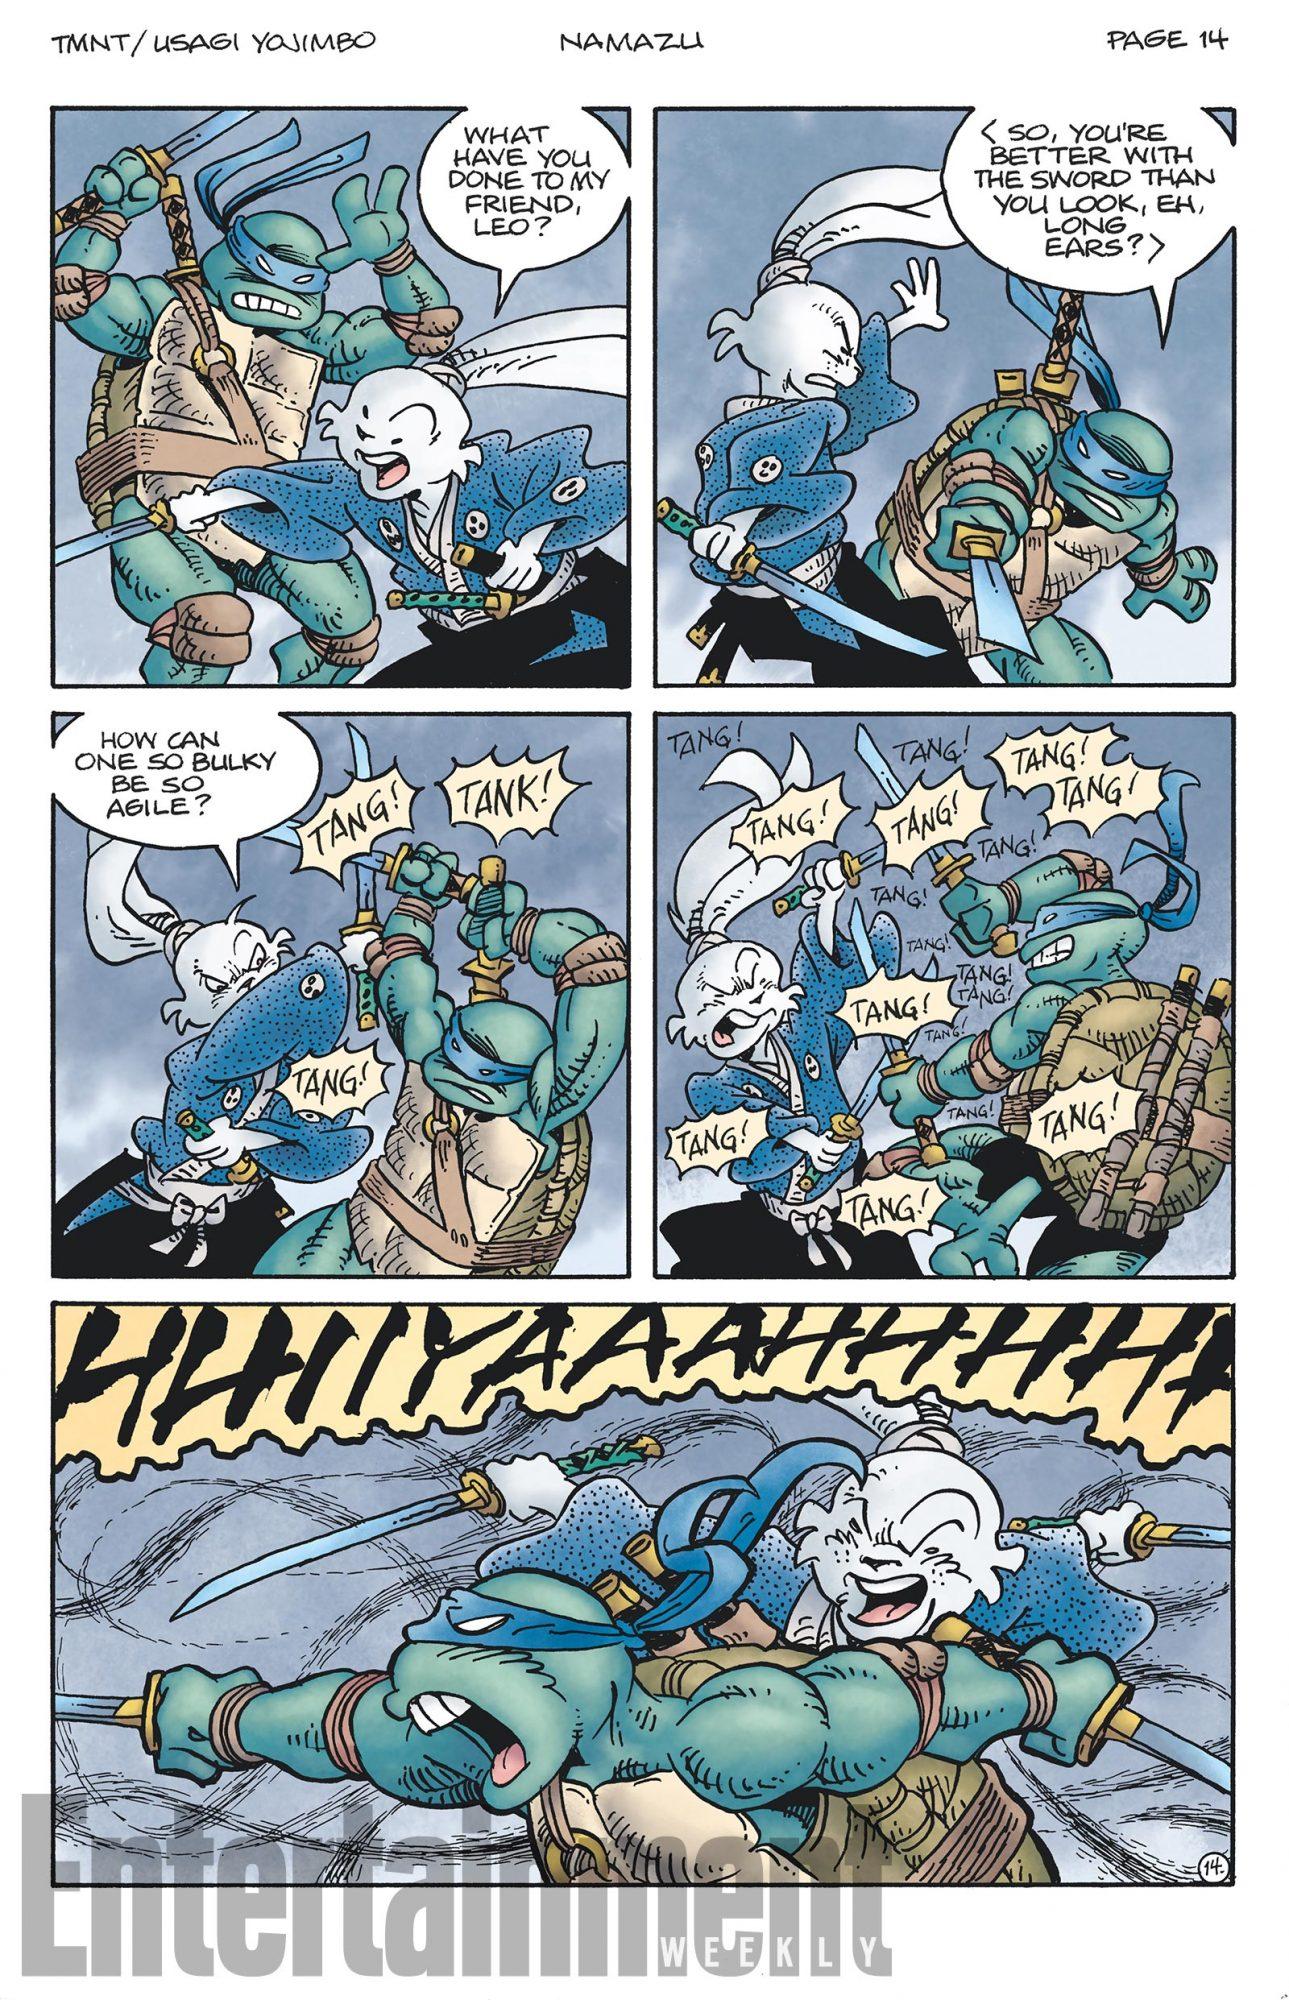 Usagi Yojimbo/TMNT crossover